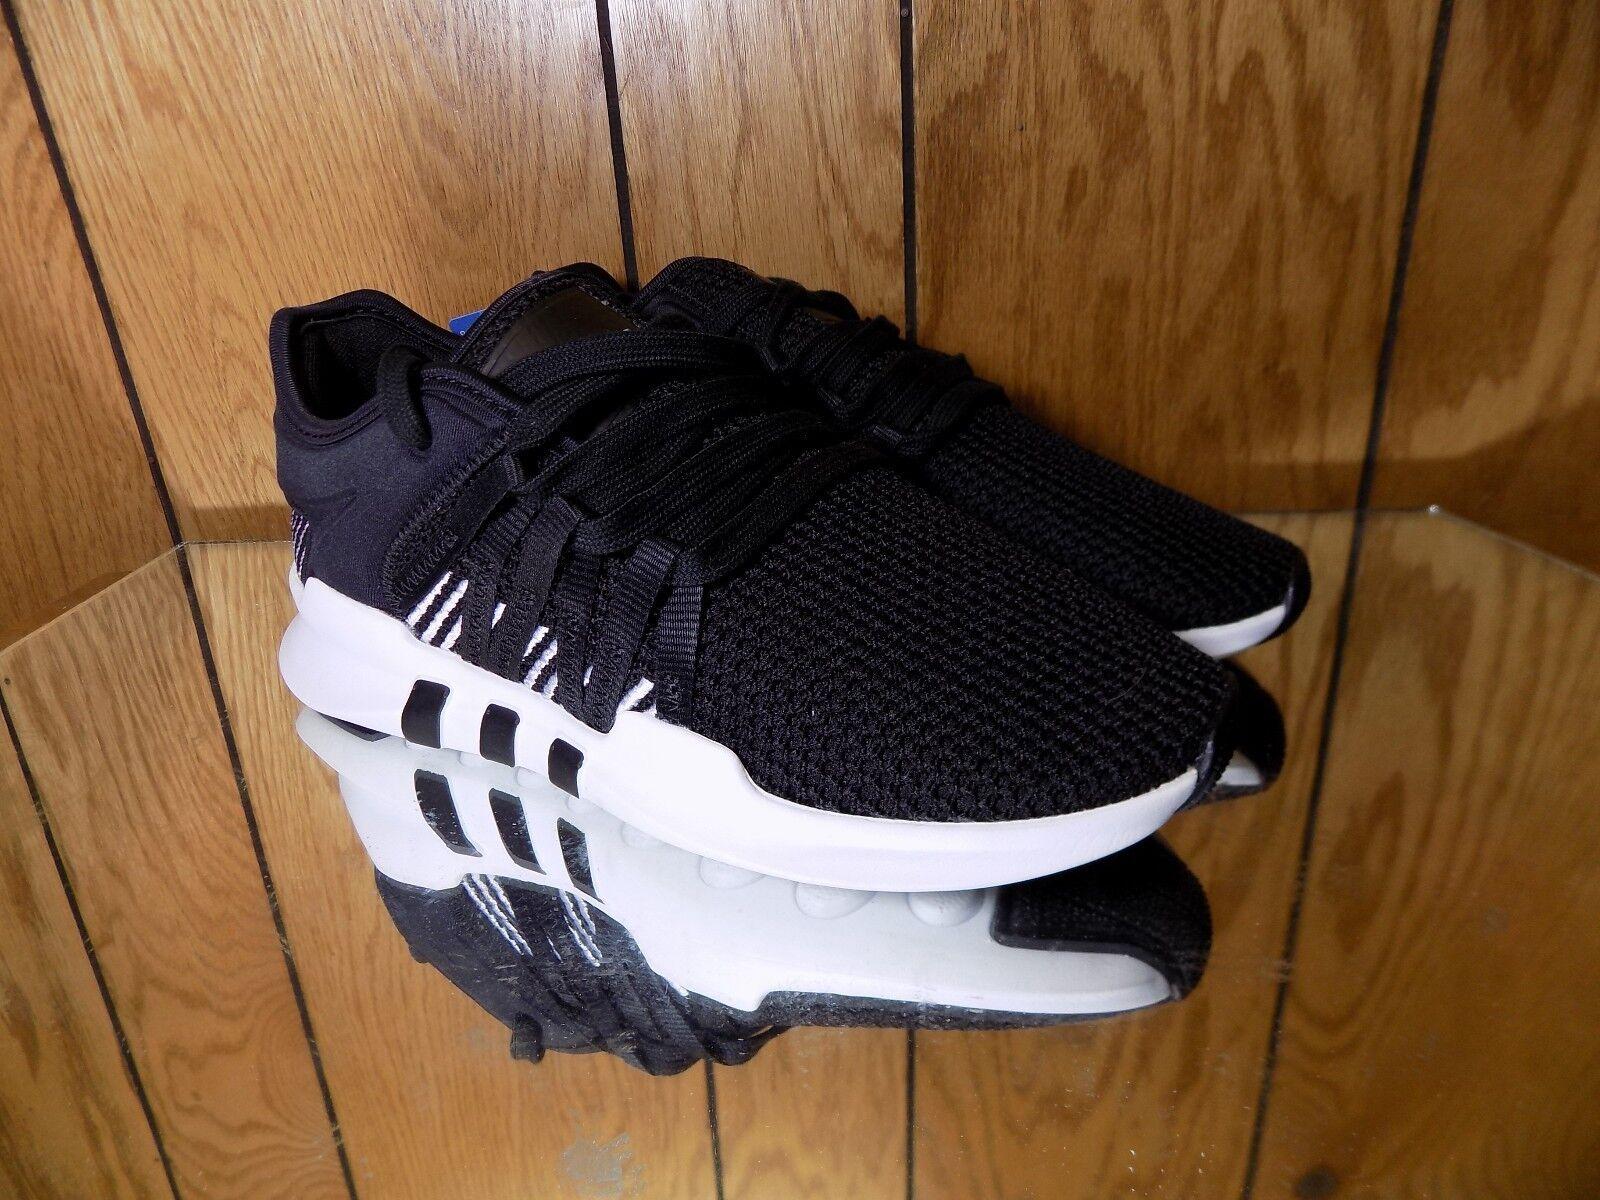 Adidas by9795 uomini eqt da racing avanzata delle scarpe da eqt corsa nero s. 6,5 b0cbb1